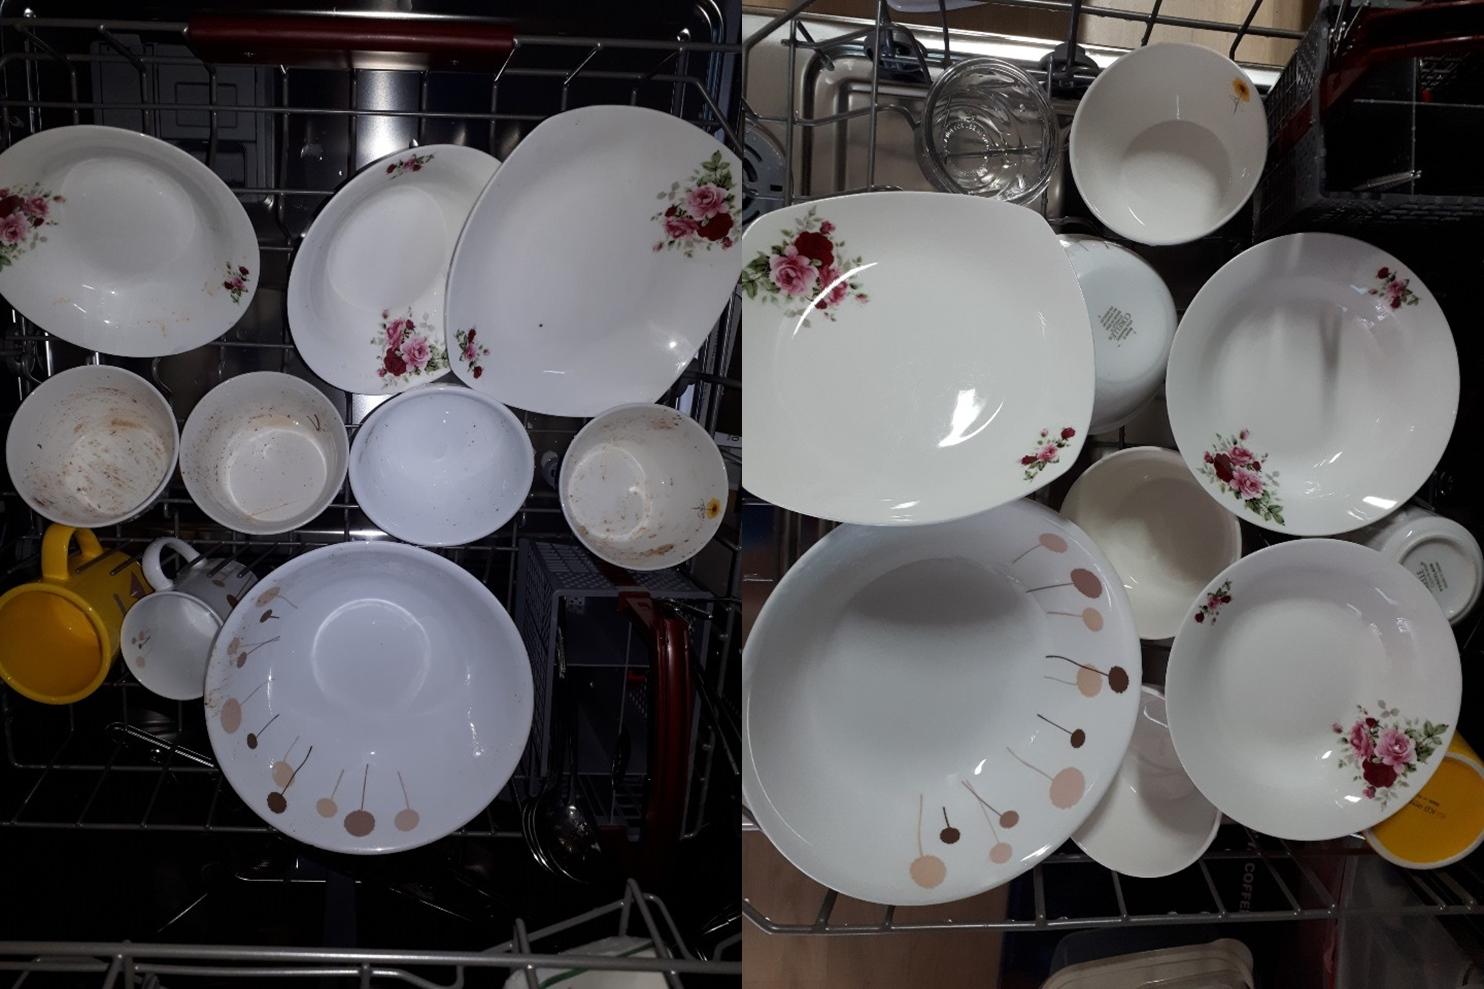 ▲ (좌)밥풀이 잔뜩 붙어 있는 밥그릇들, (우)깔끔하게 세척이 된 밥그릇들